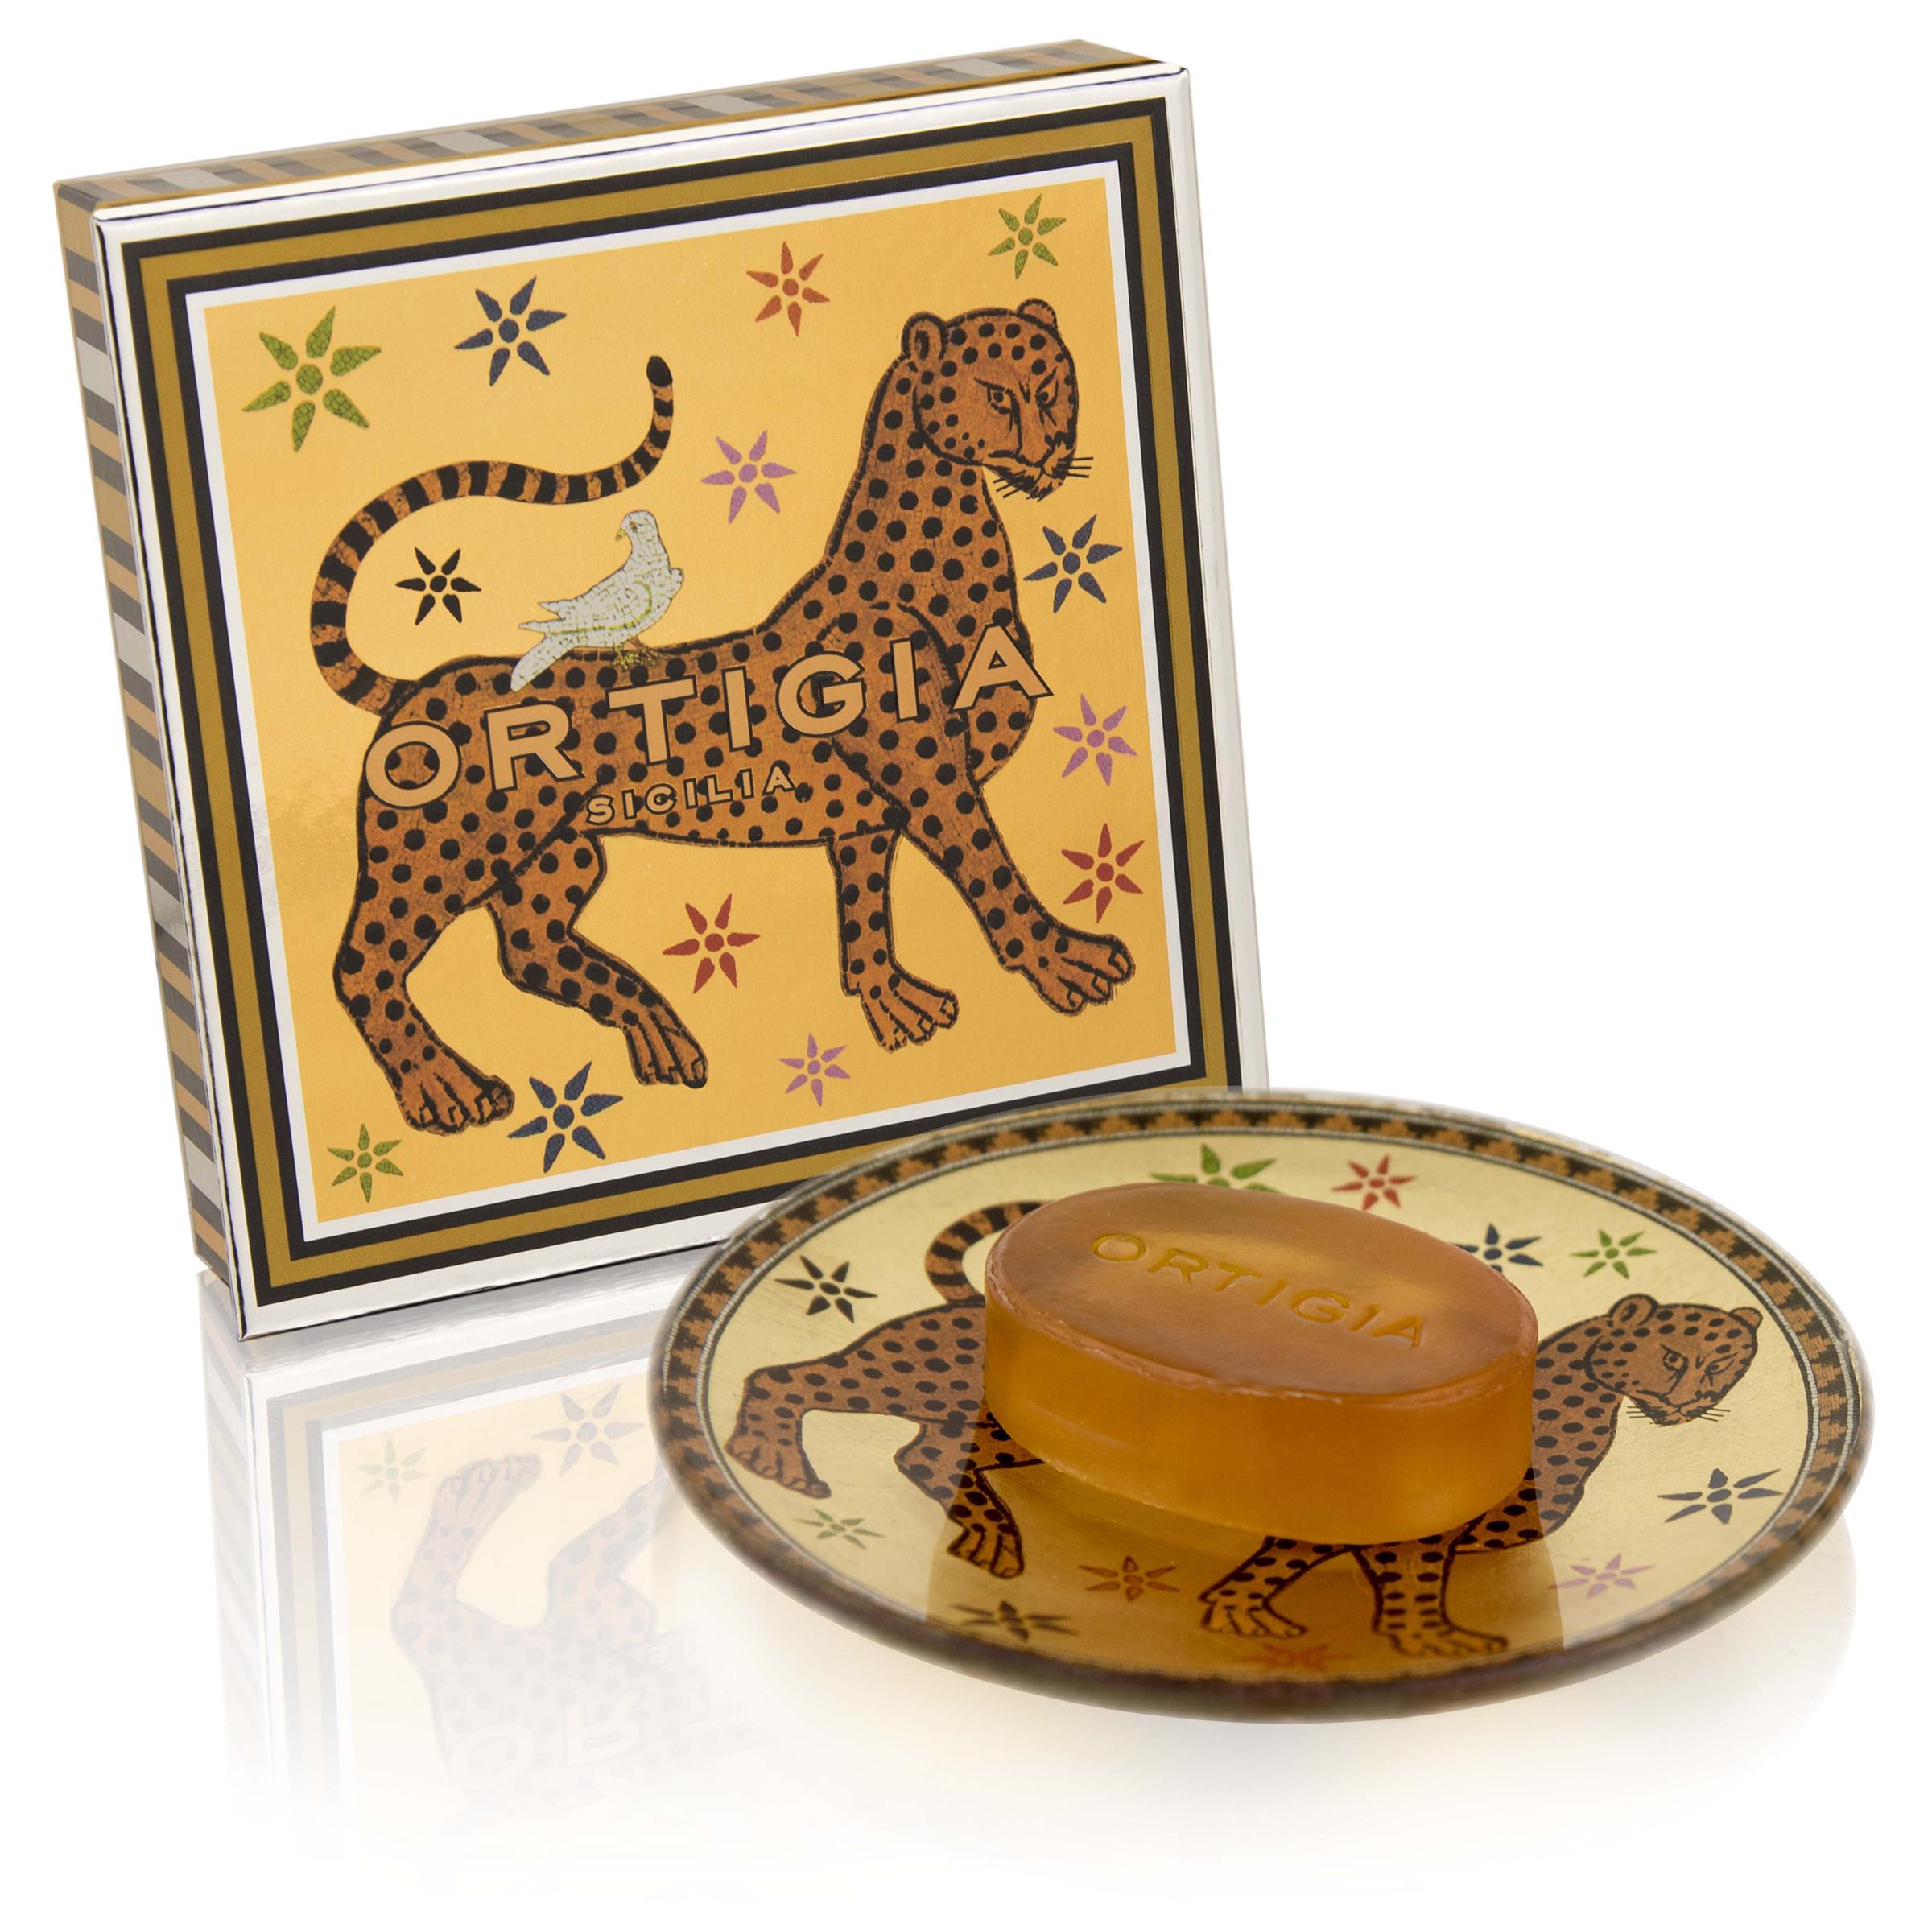 Ambra Nera Plate & Soap